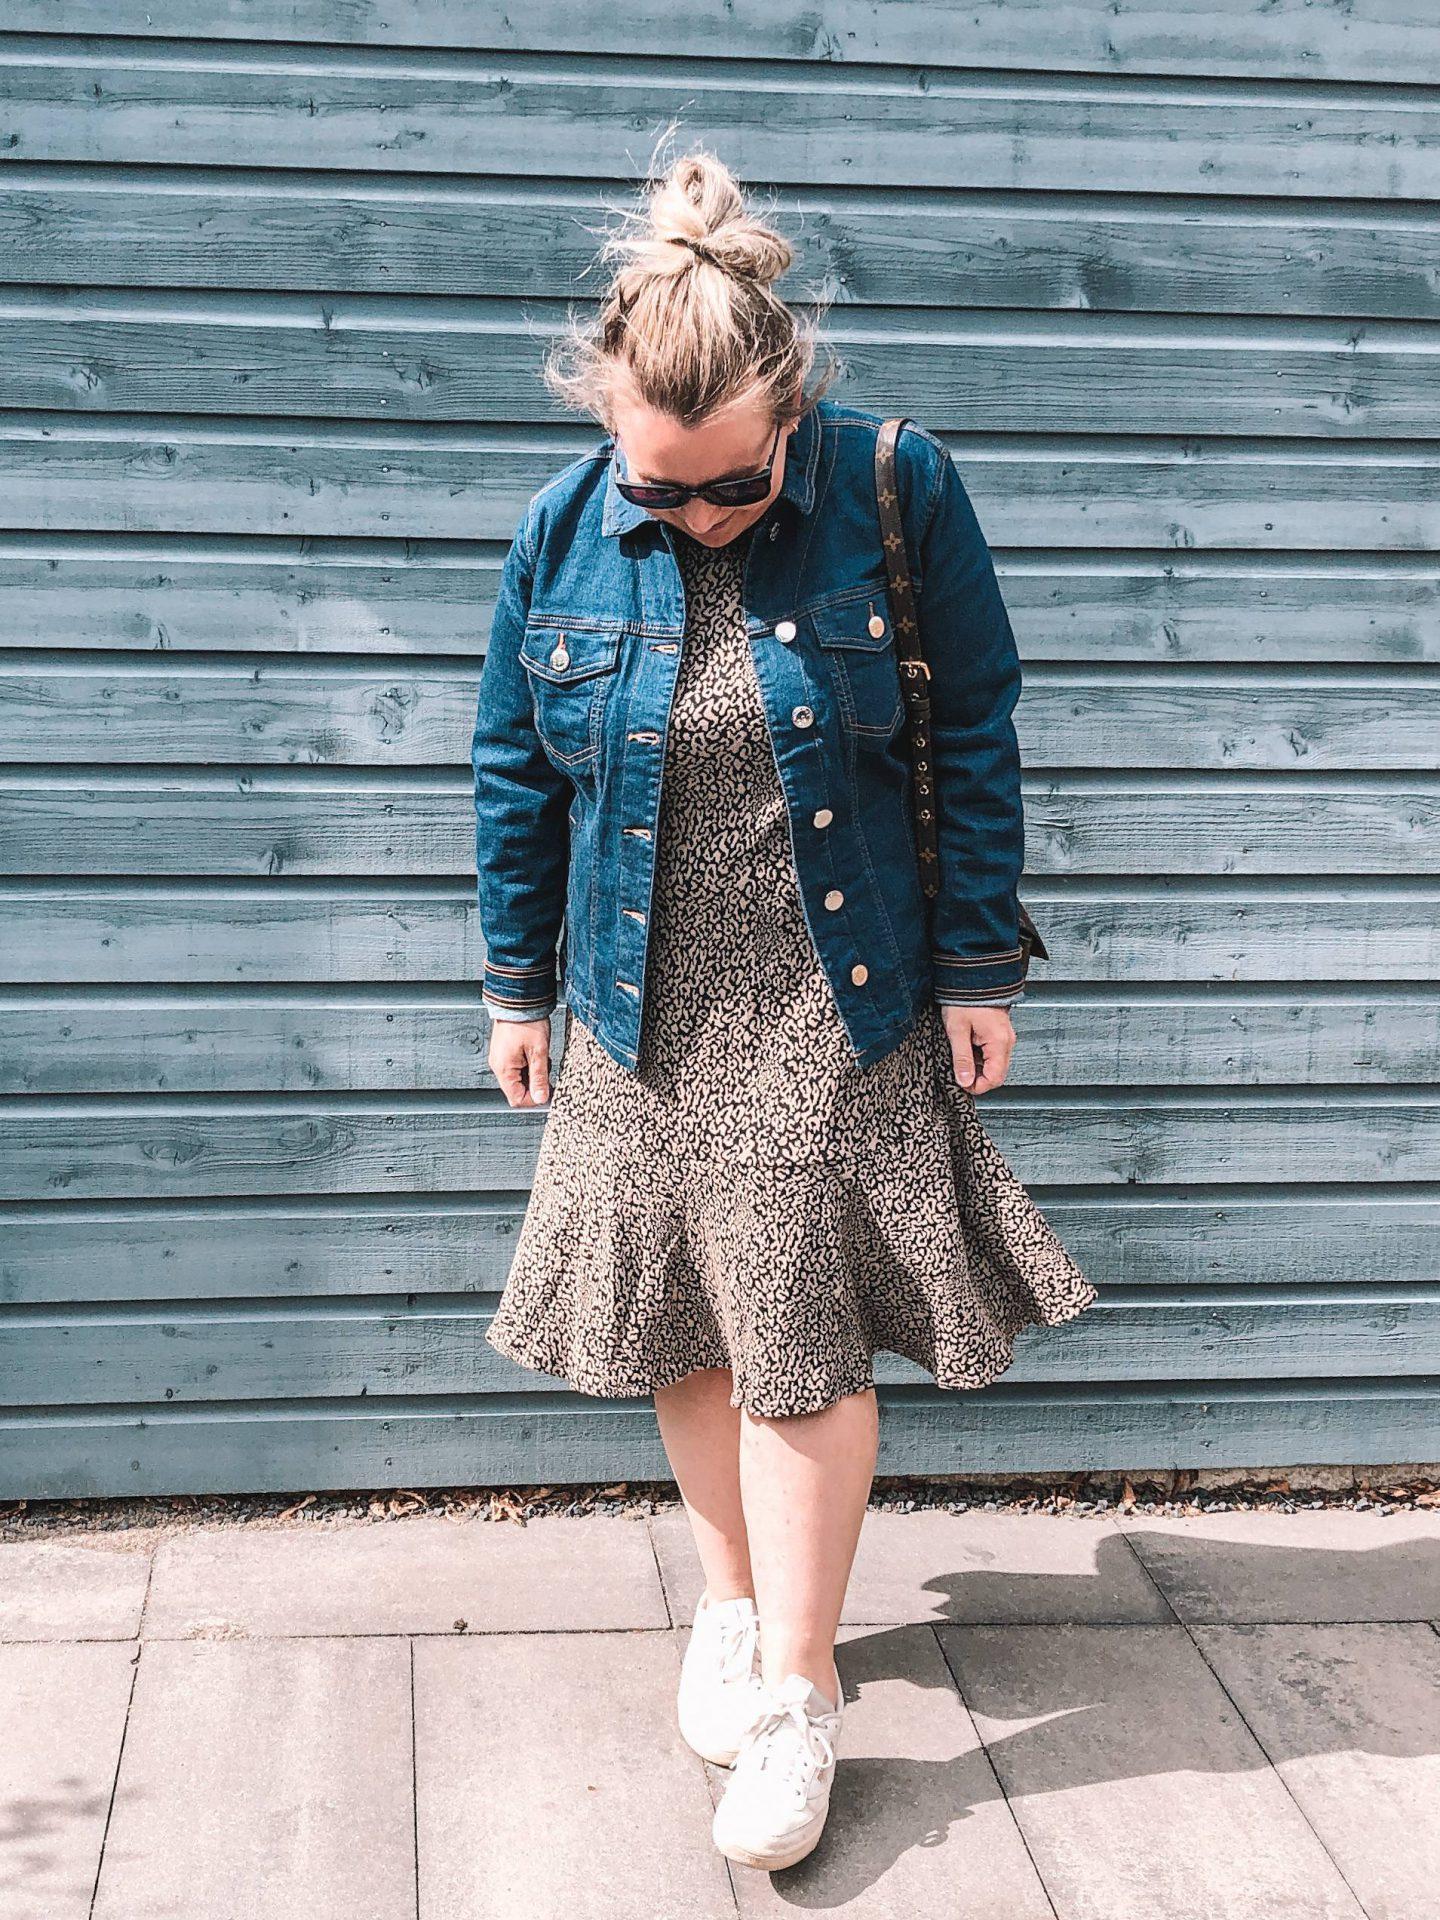 Twee duurzame outfits uit de sustainability collectie van bonprix